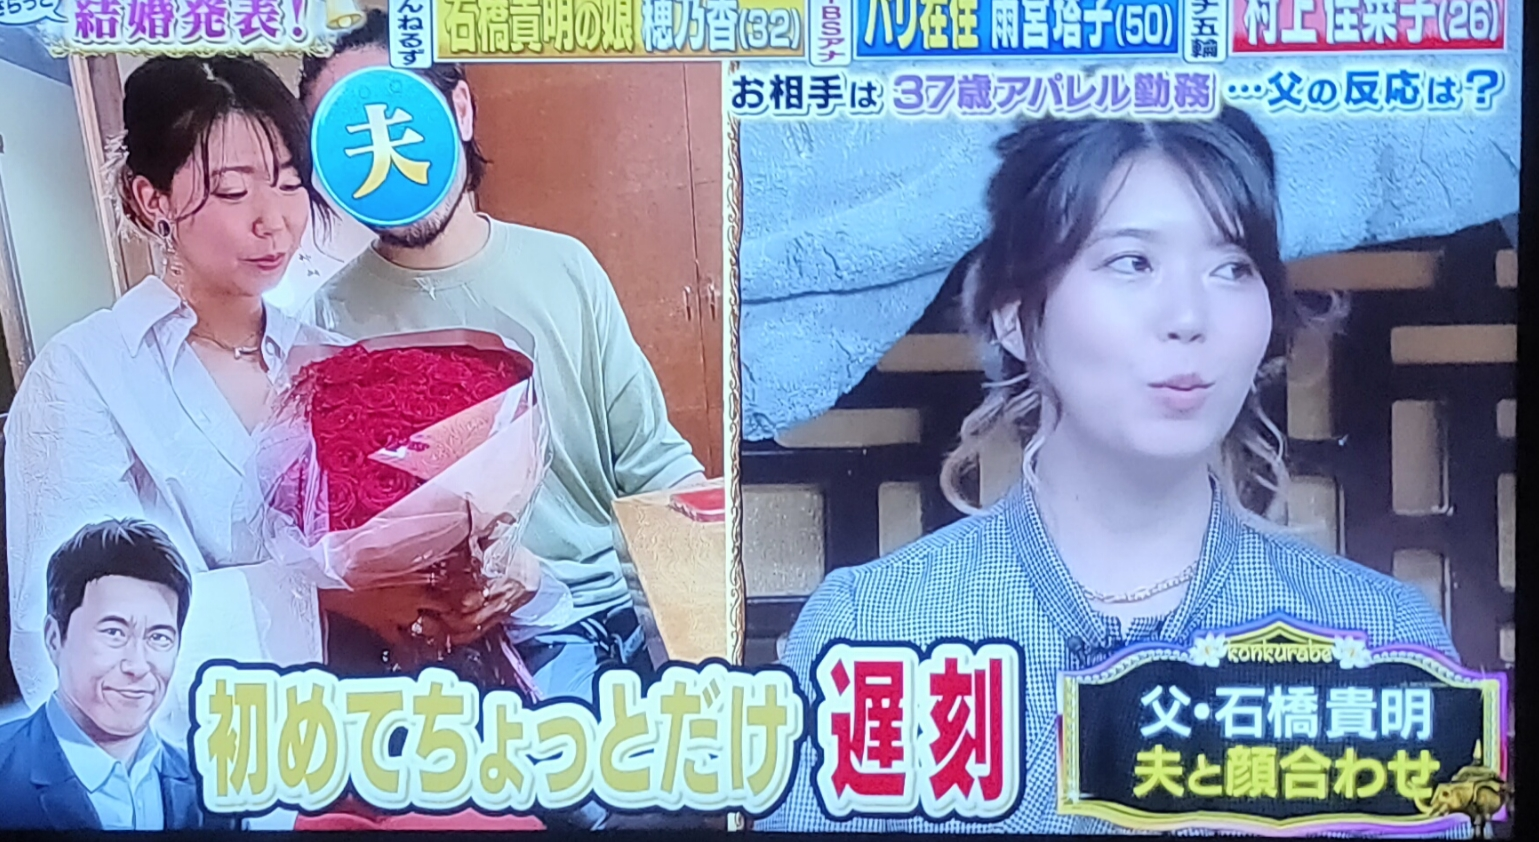 石橋穂乃香結婚した旦那(夫)顔画像!一般男性で年上!wiki(名前・職業)や馴れ初めは?